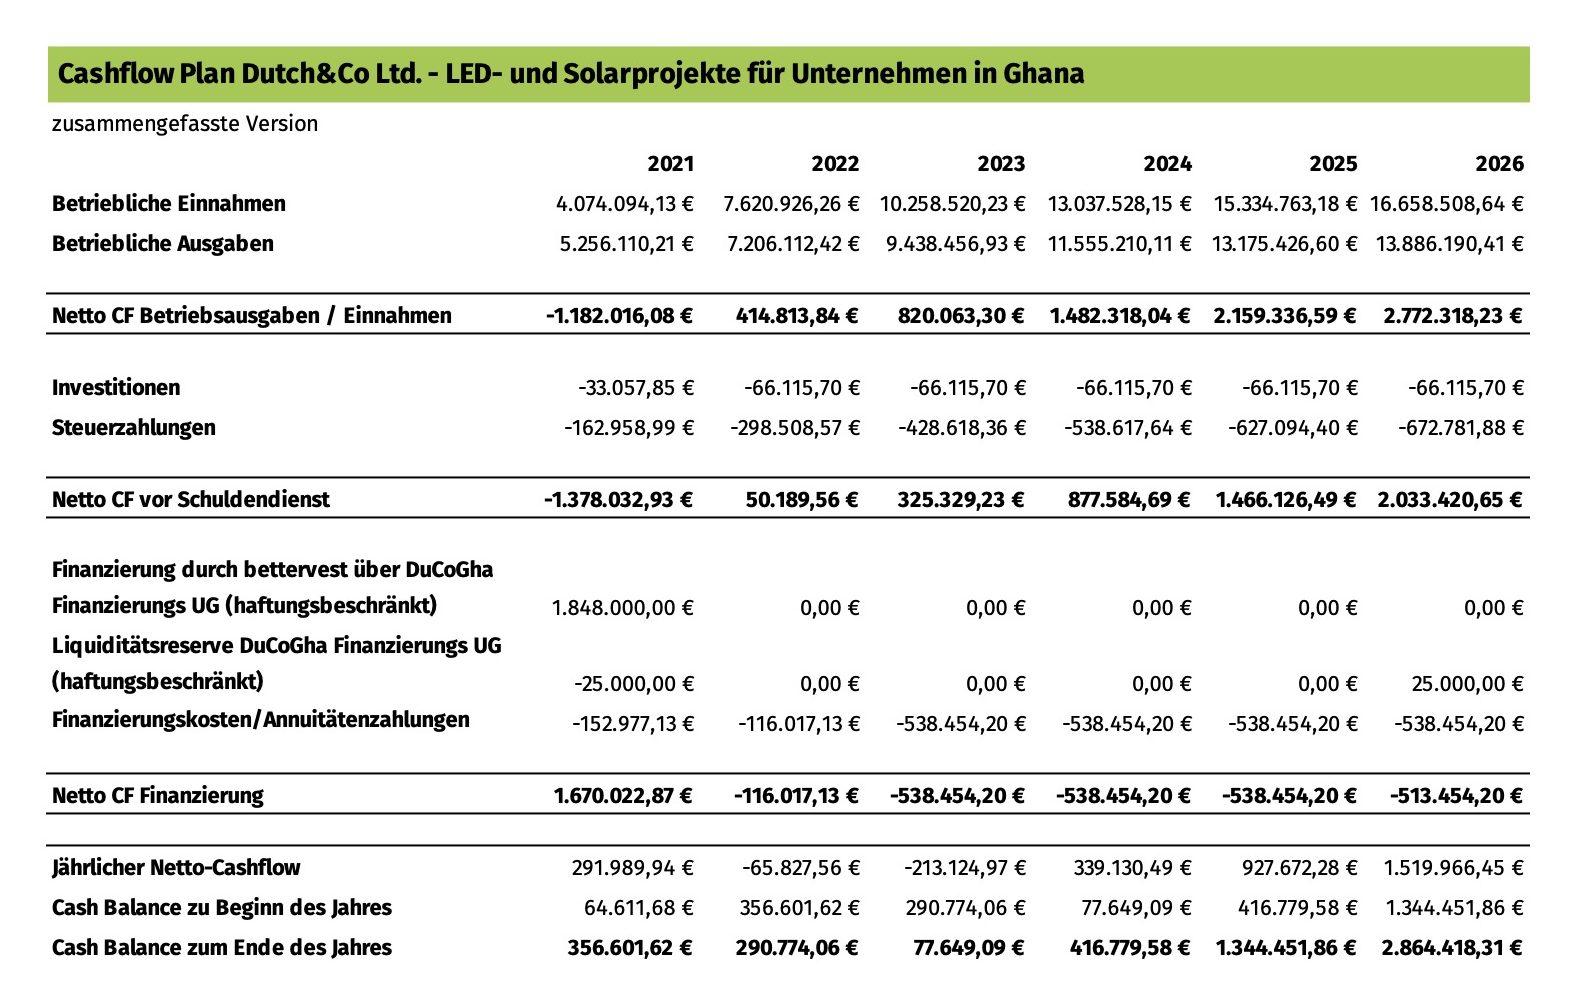 Cashflow Plan Dutch&Co